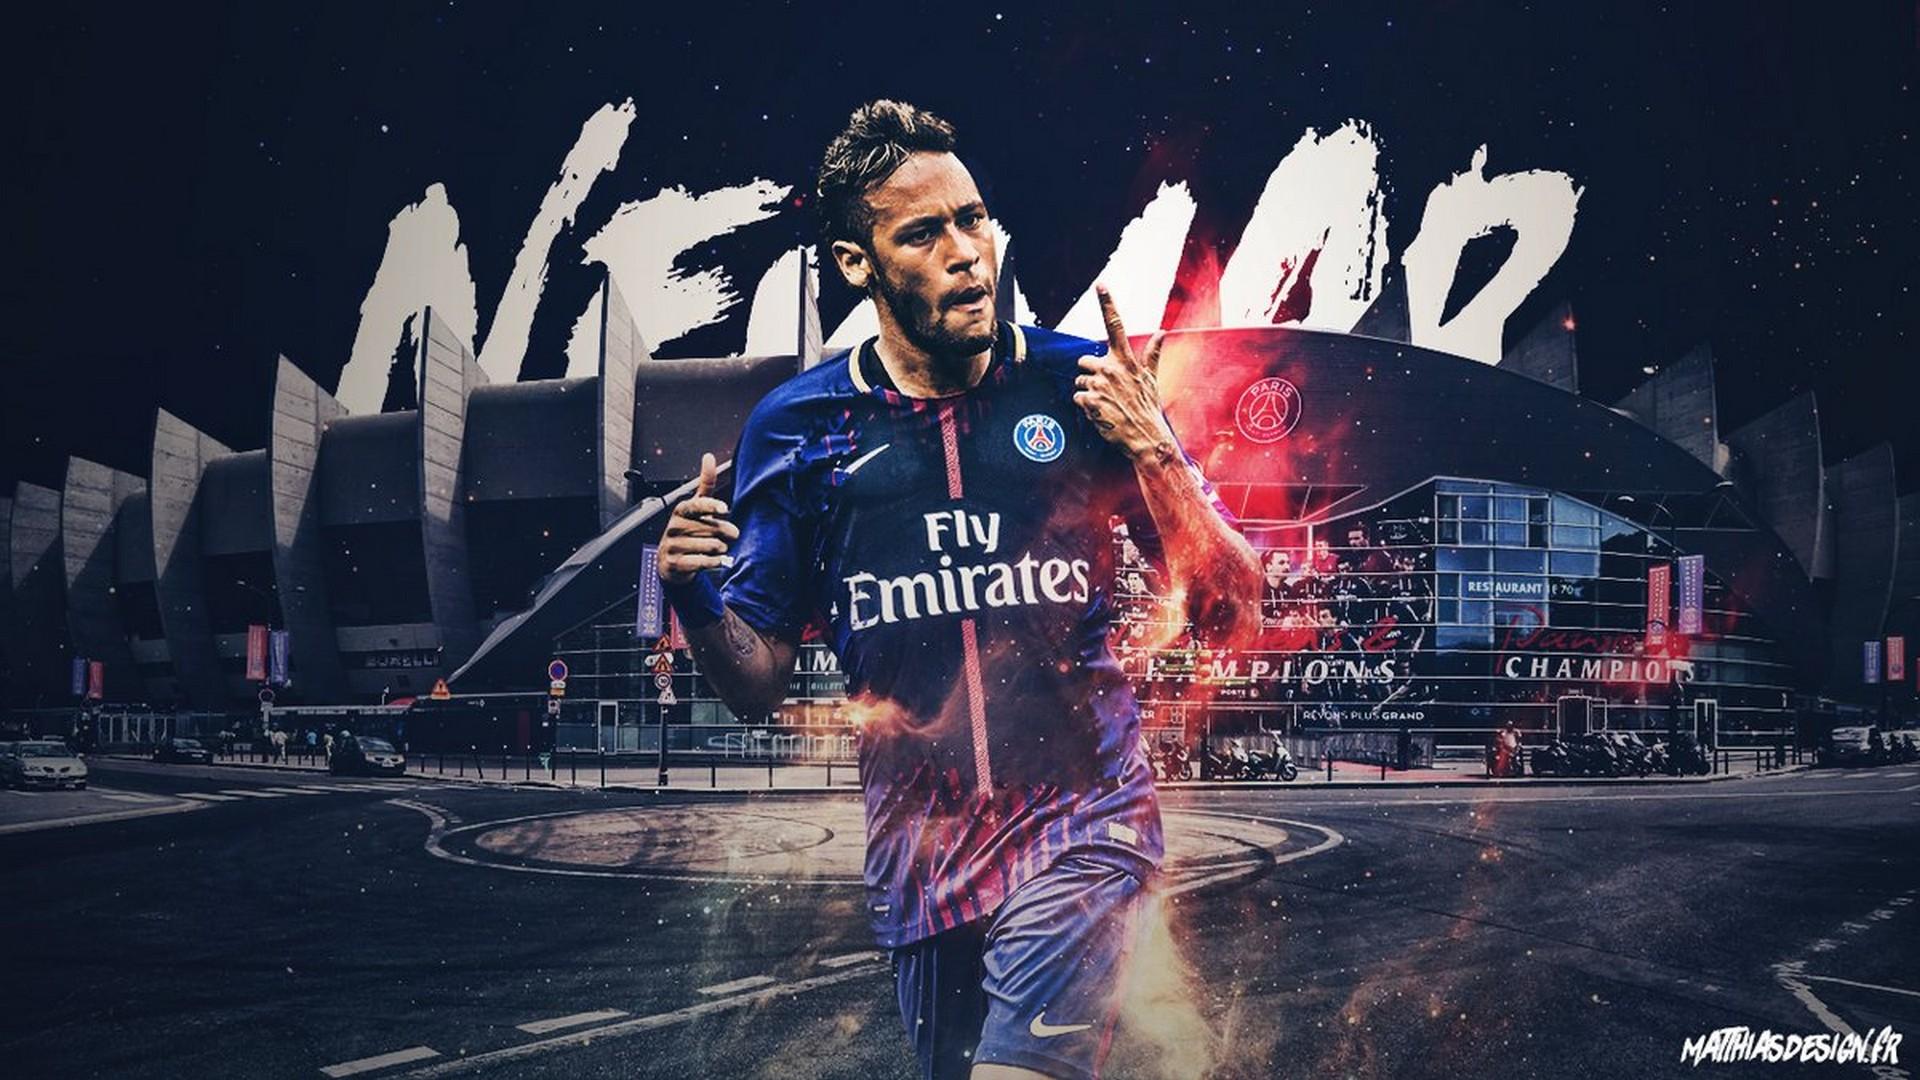 neymar psg wallpaper for desktop 2021